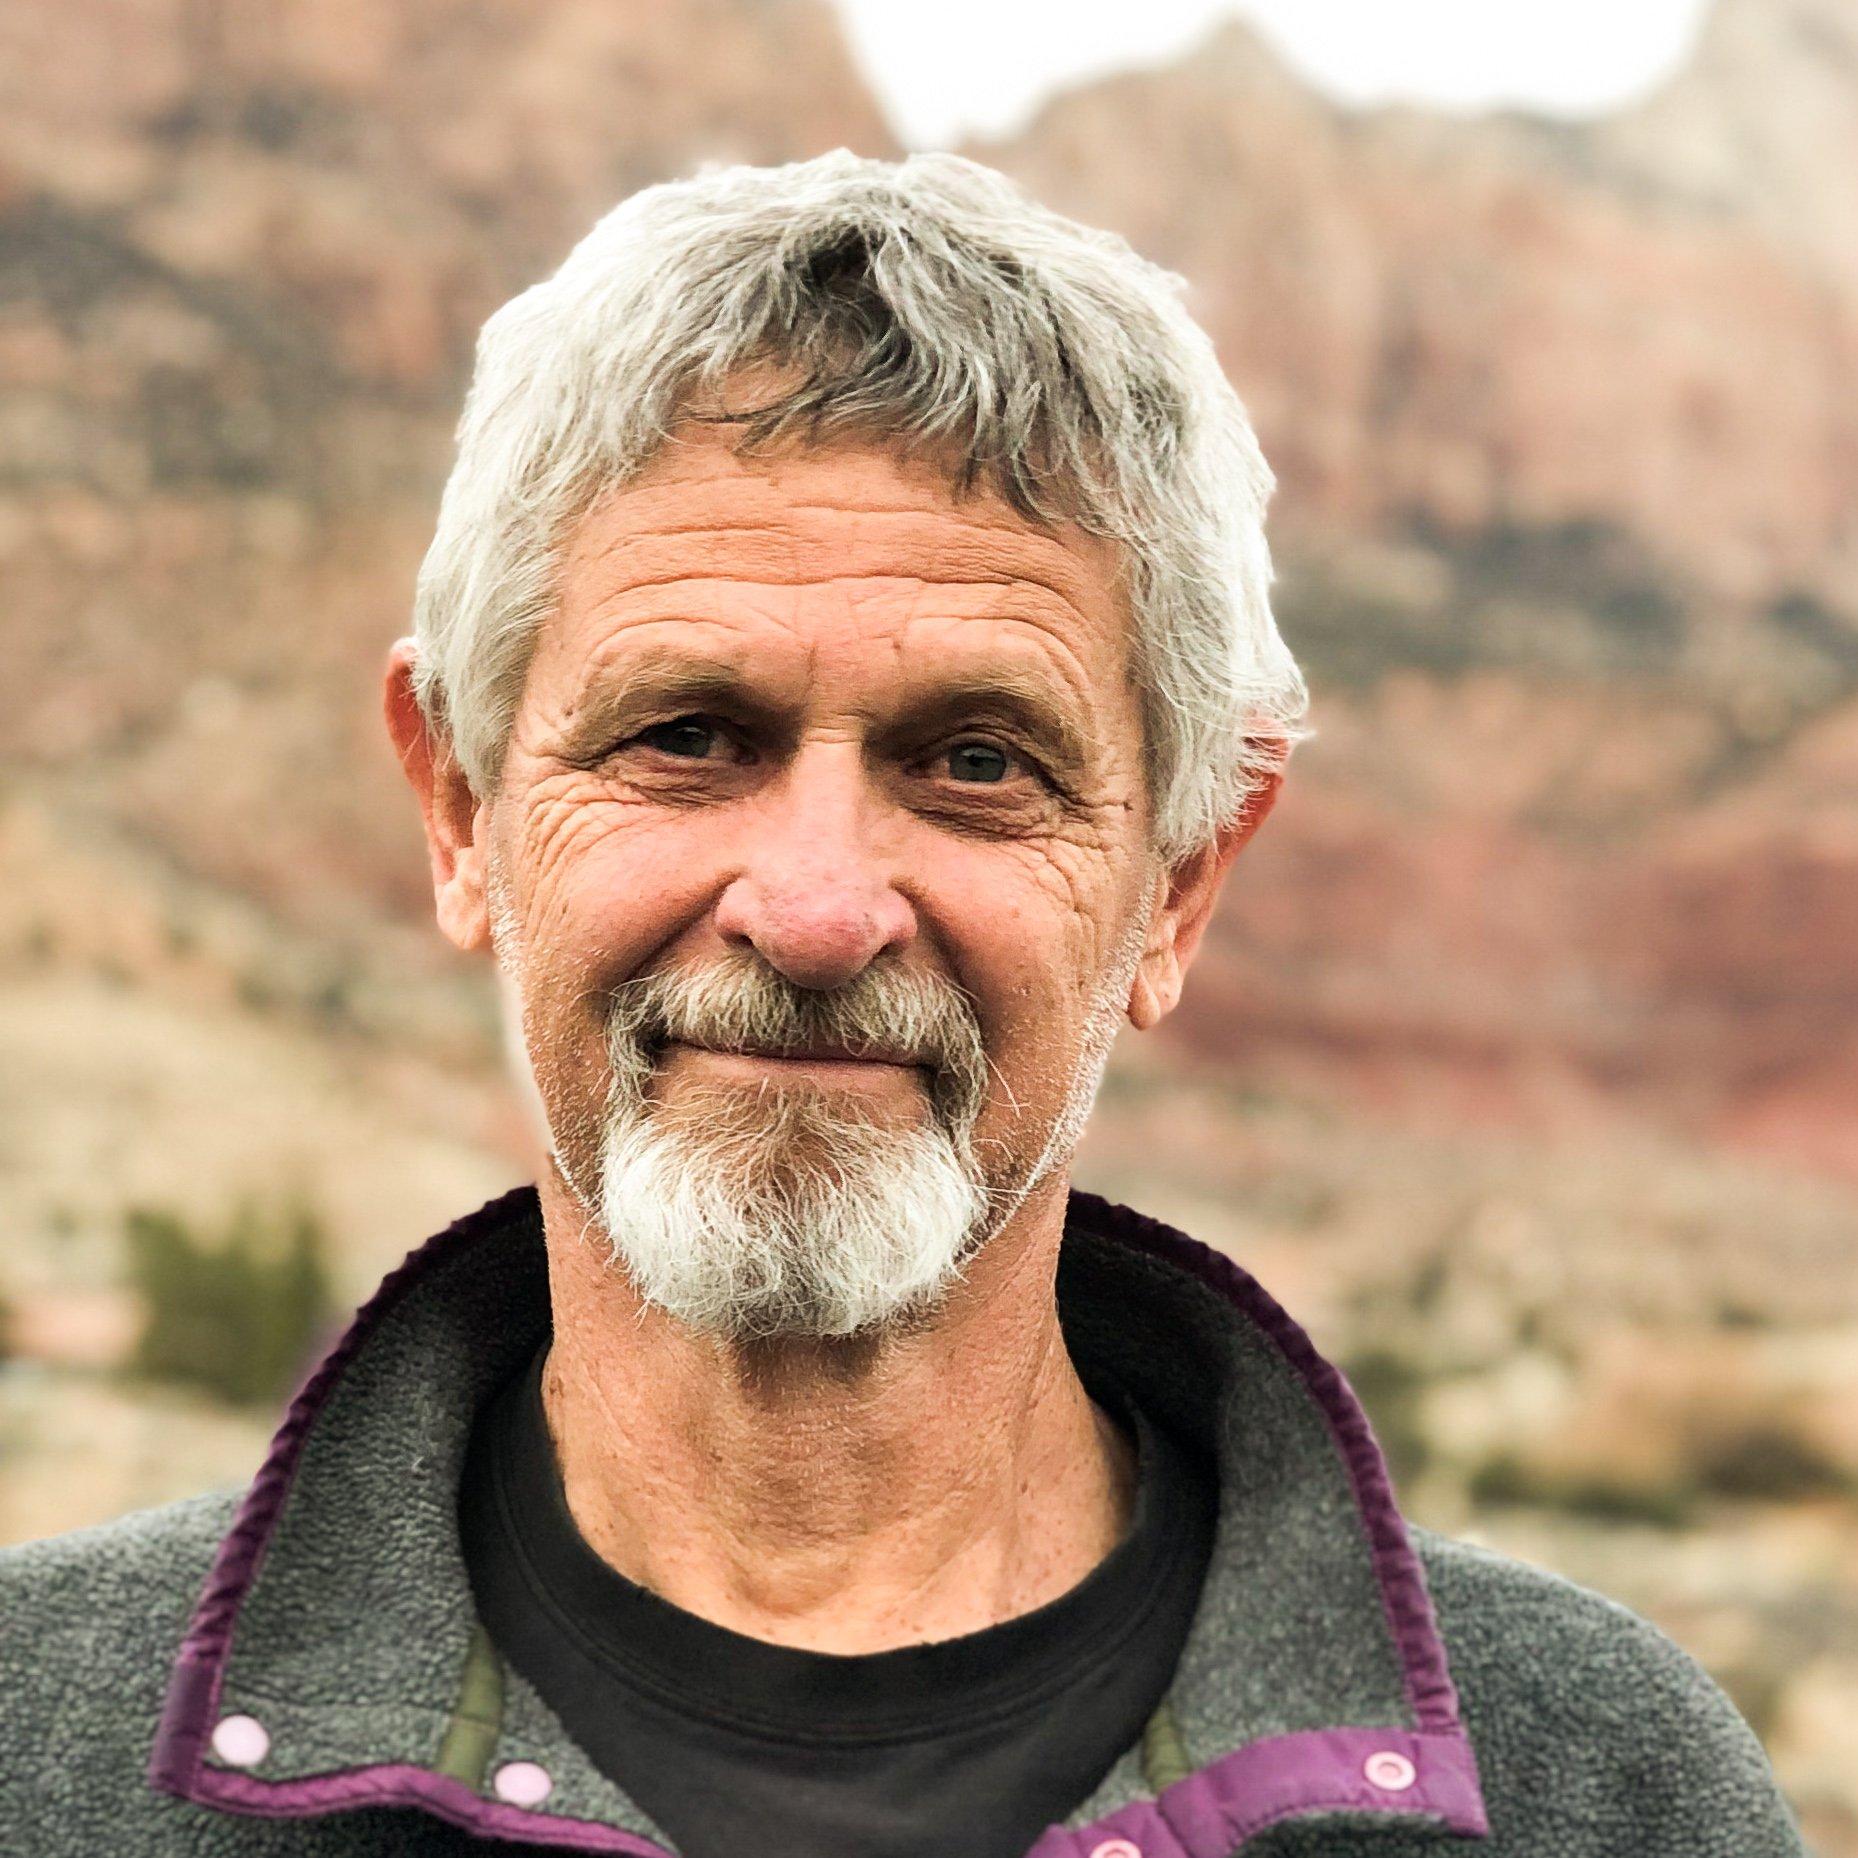 Councilman Randy Aton